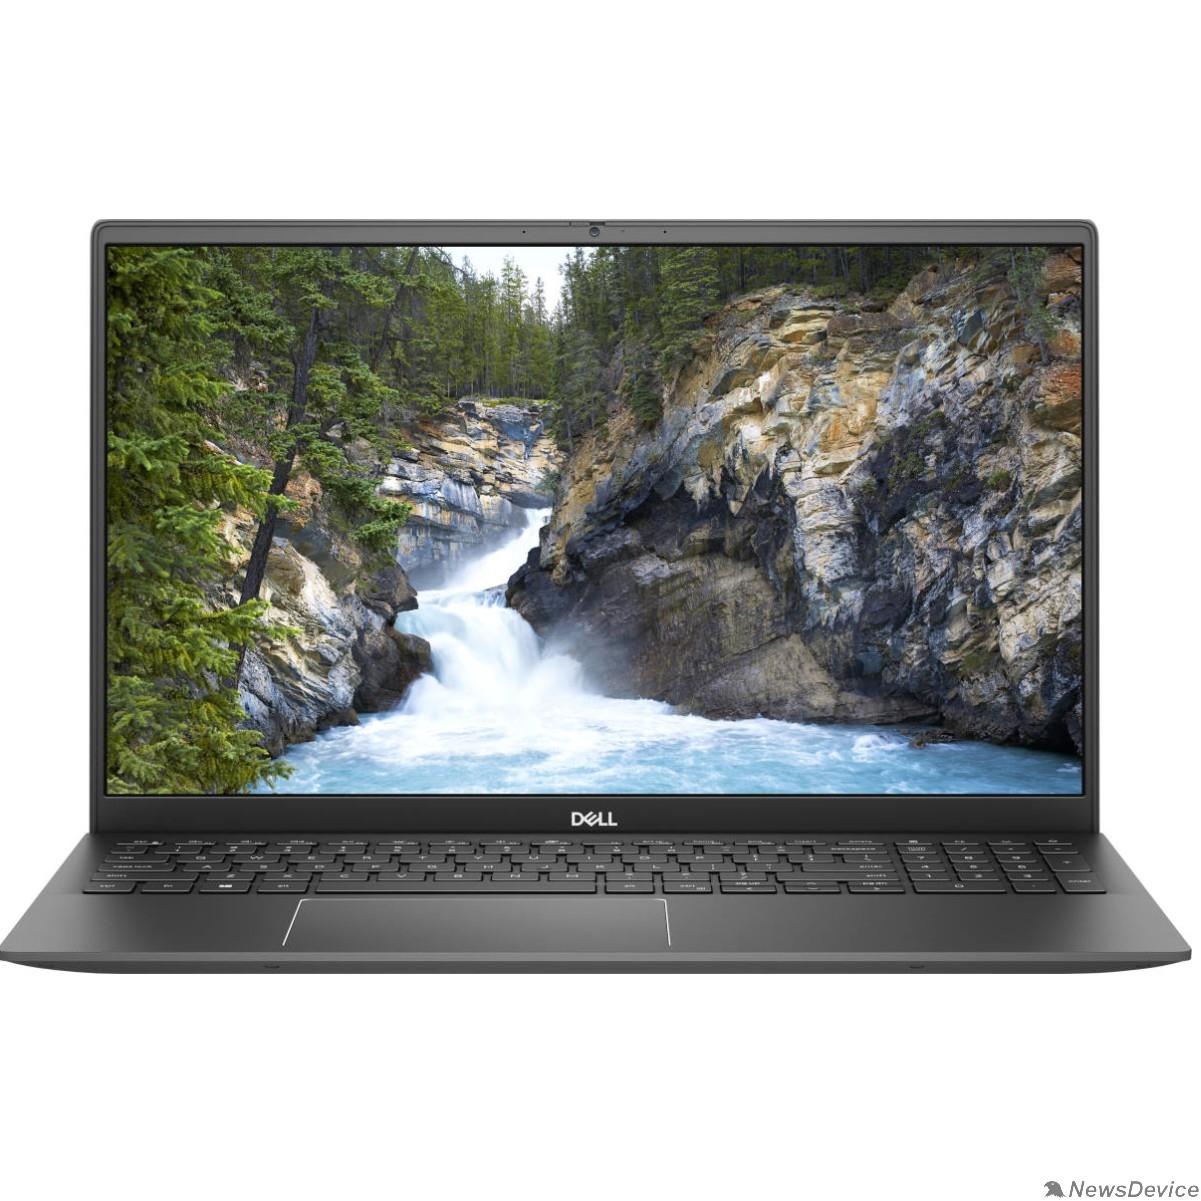 Ноутбук DELL Vostro 5502 5502-5262 Grey 15.6'' FHD i5-1135G7/8Gb/512Gb SSD/MX330 2Gb/W10Pro